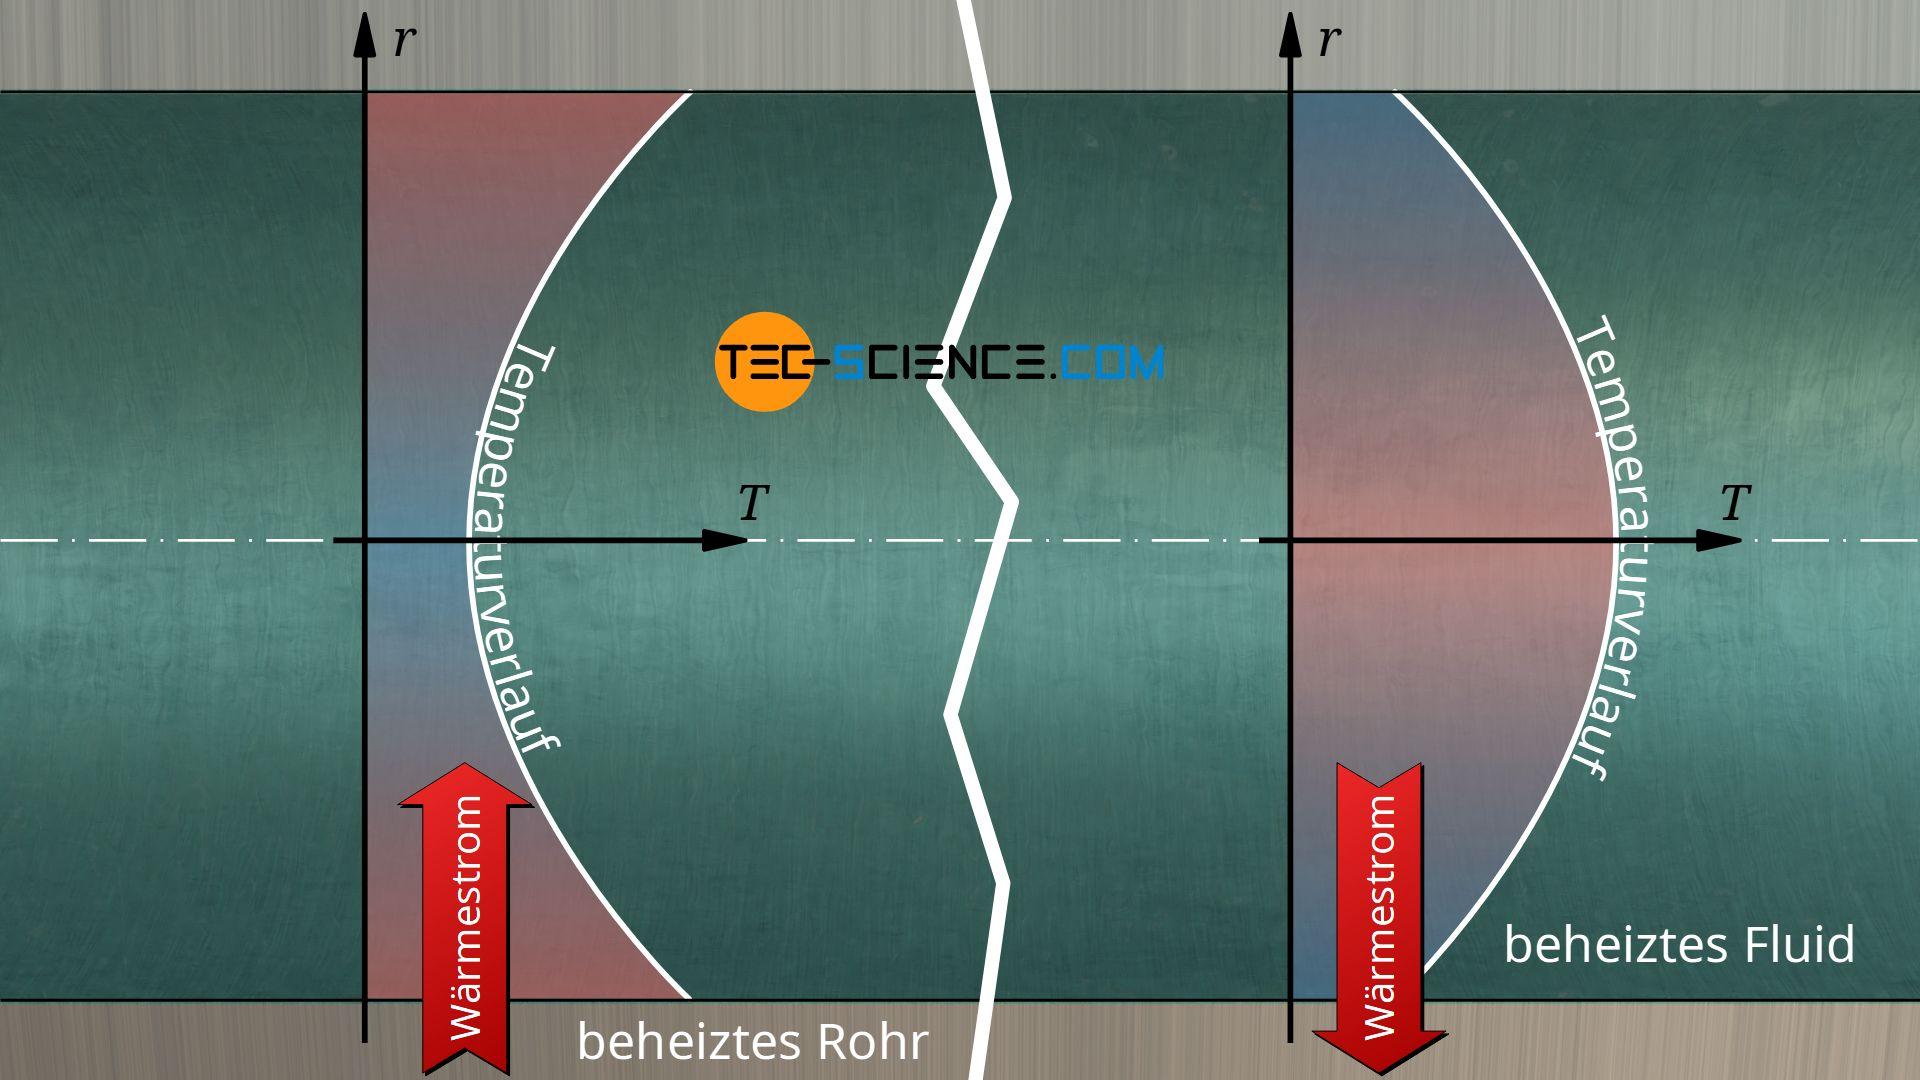 Temperaturverlauf bei beheizter Wand (rechts) und beheiztem Fluid (links)